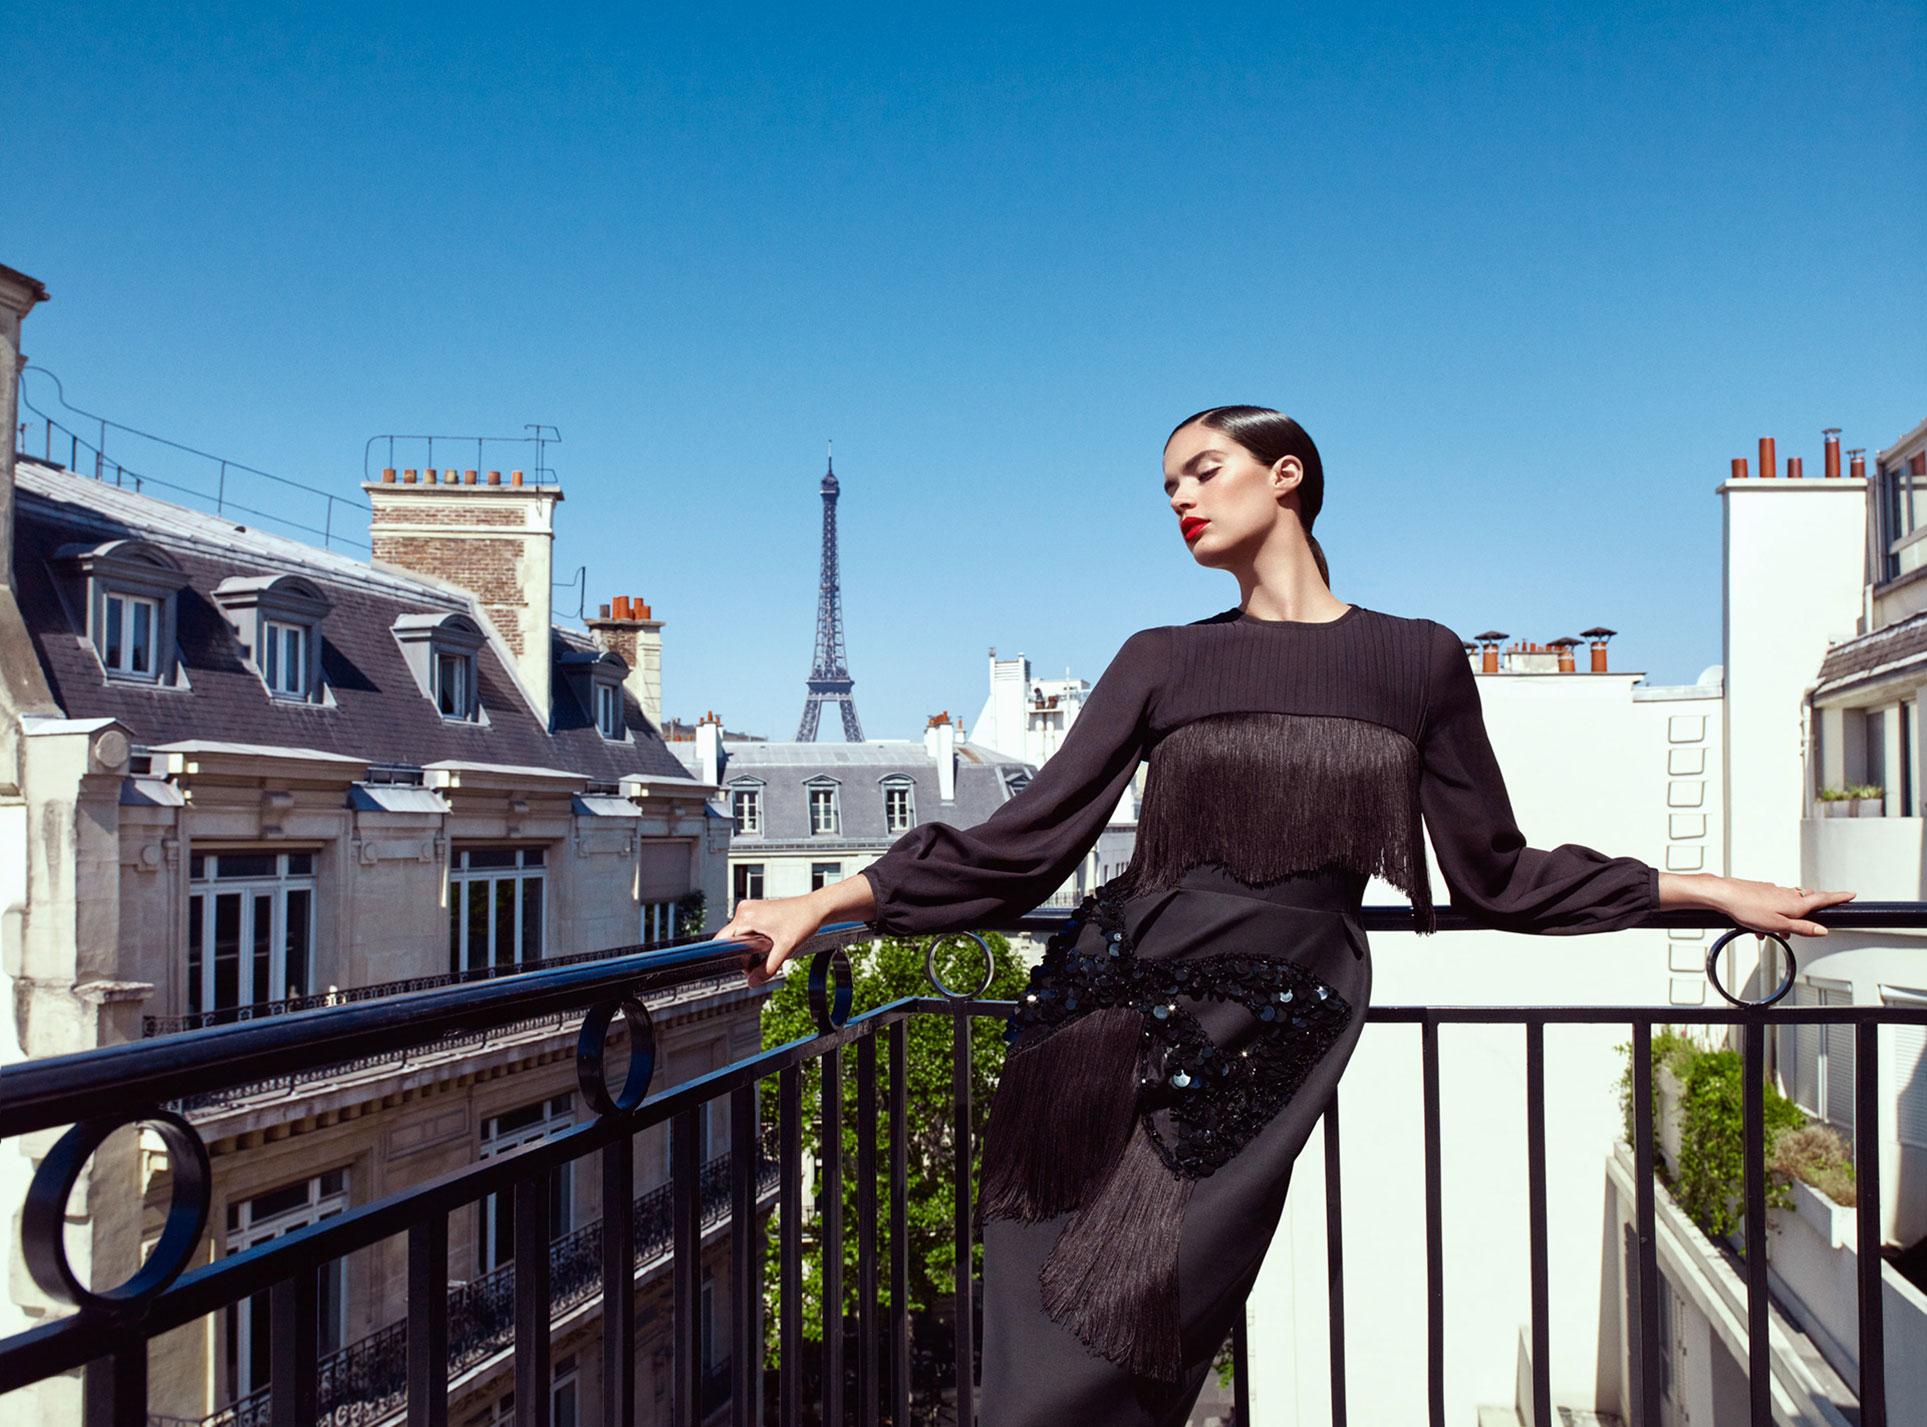 Сара Сампайо демонстрирует модные наряды на улицах и балконах Парижа / фото 09